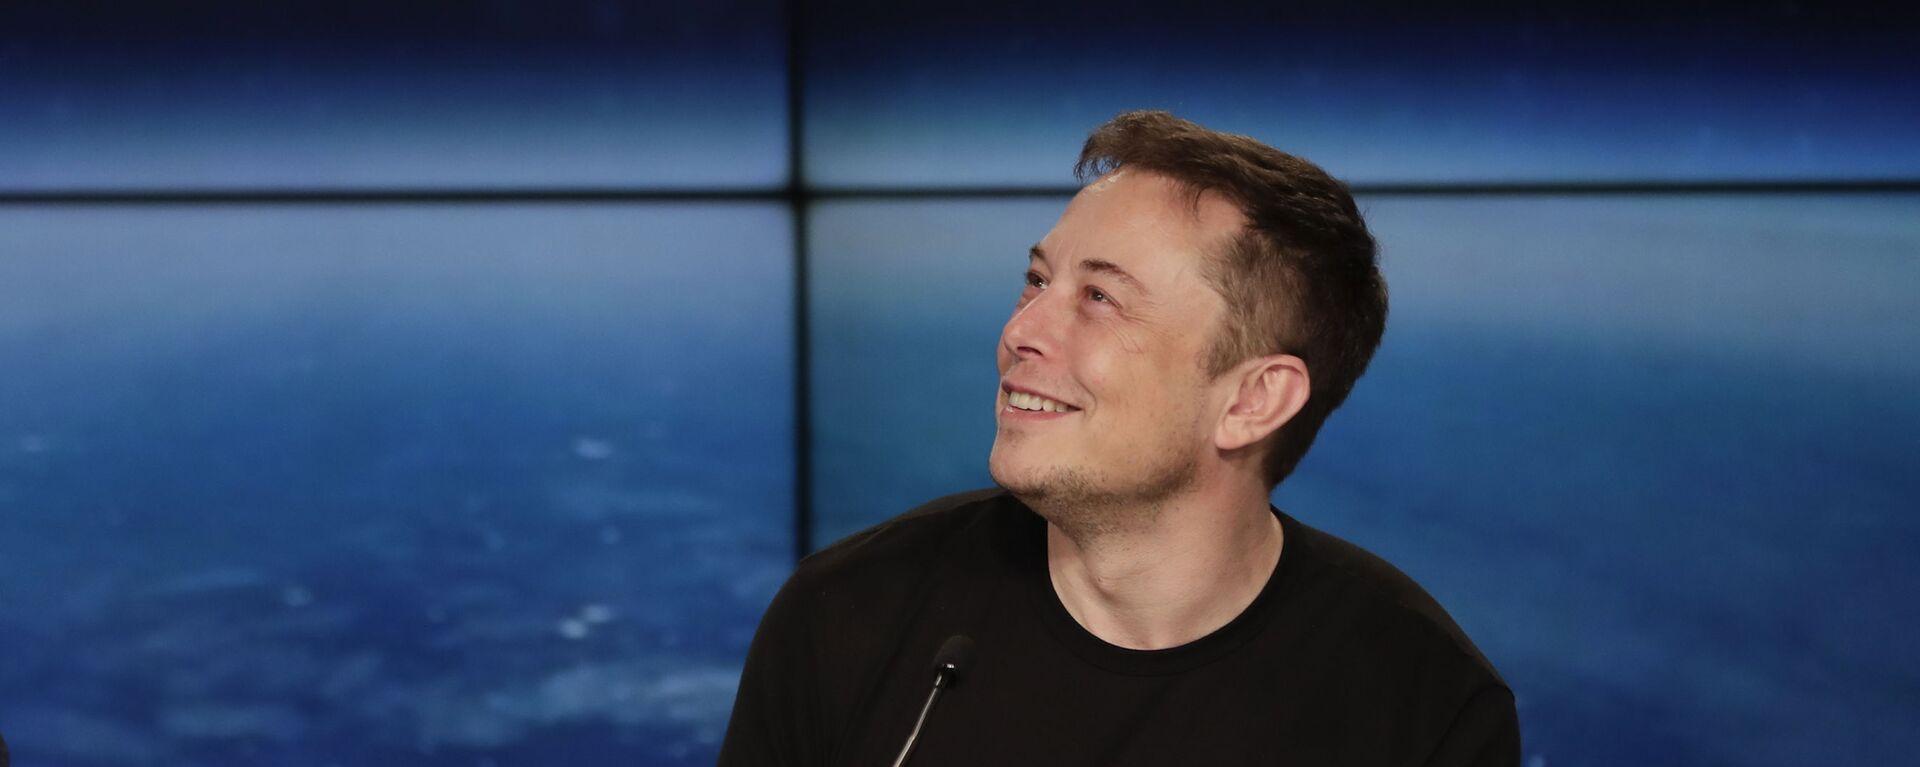 Elon Musk na tiskové konferenci - Sputnik Česká republika, 1920, 05.06.2021